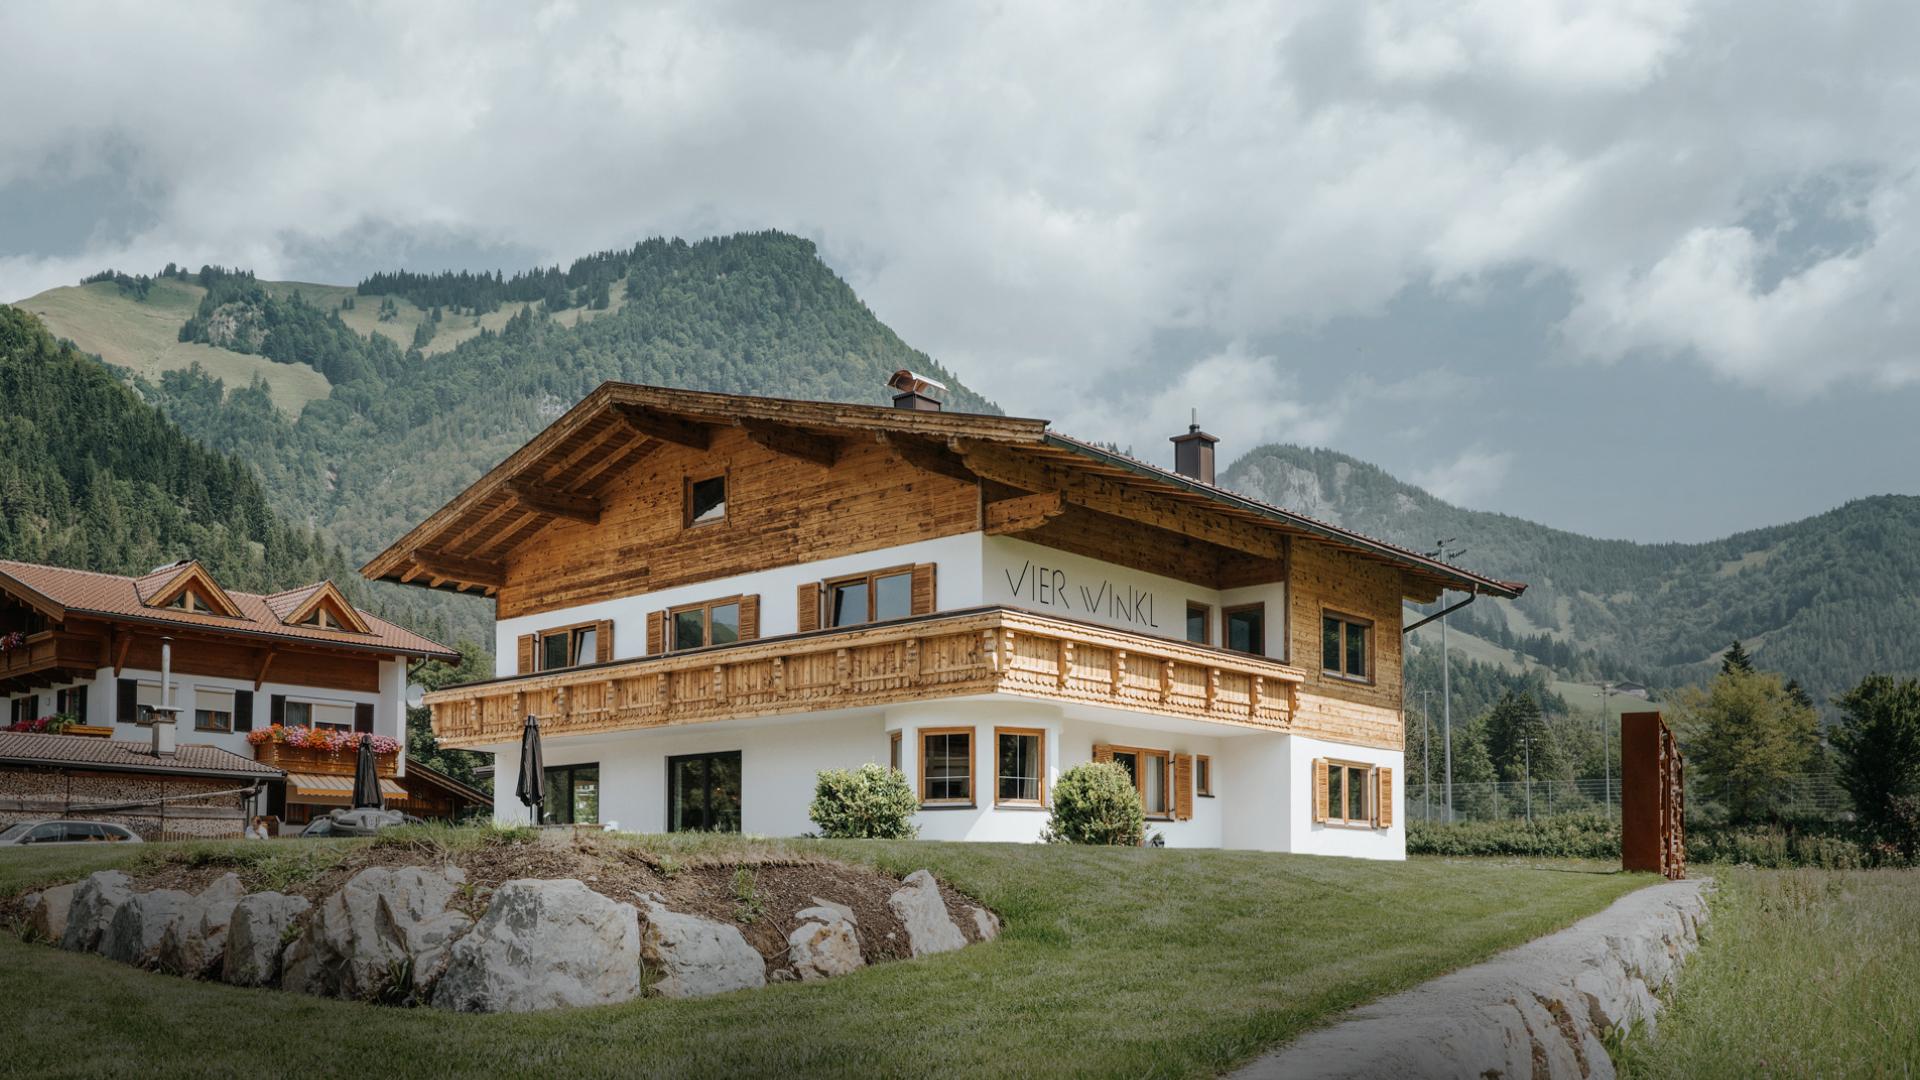 Vier Winkl – Ferienhaus Walchsee